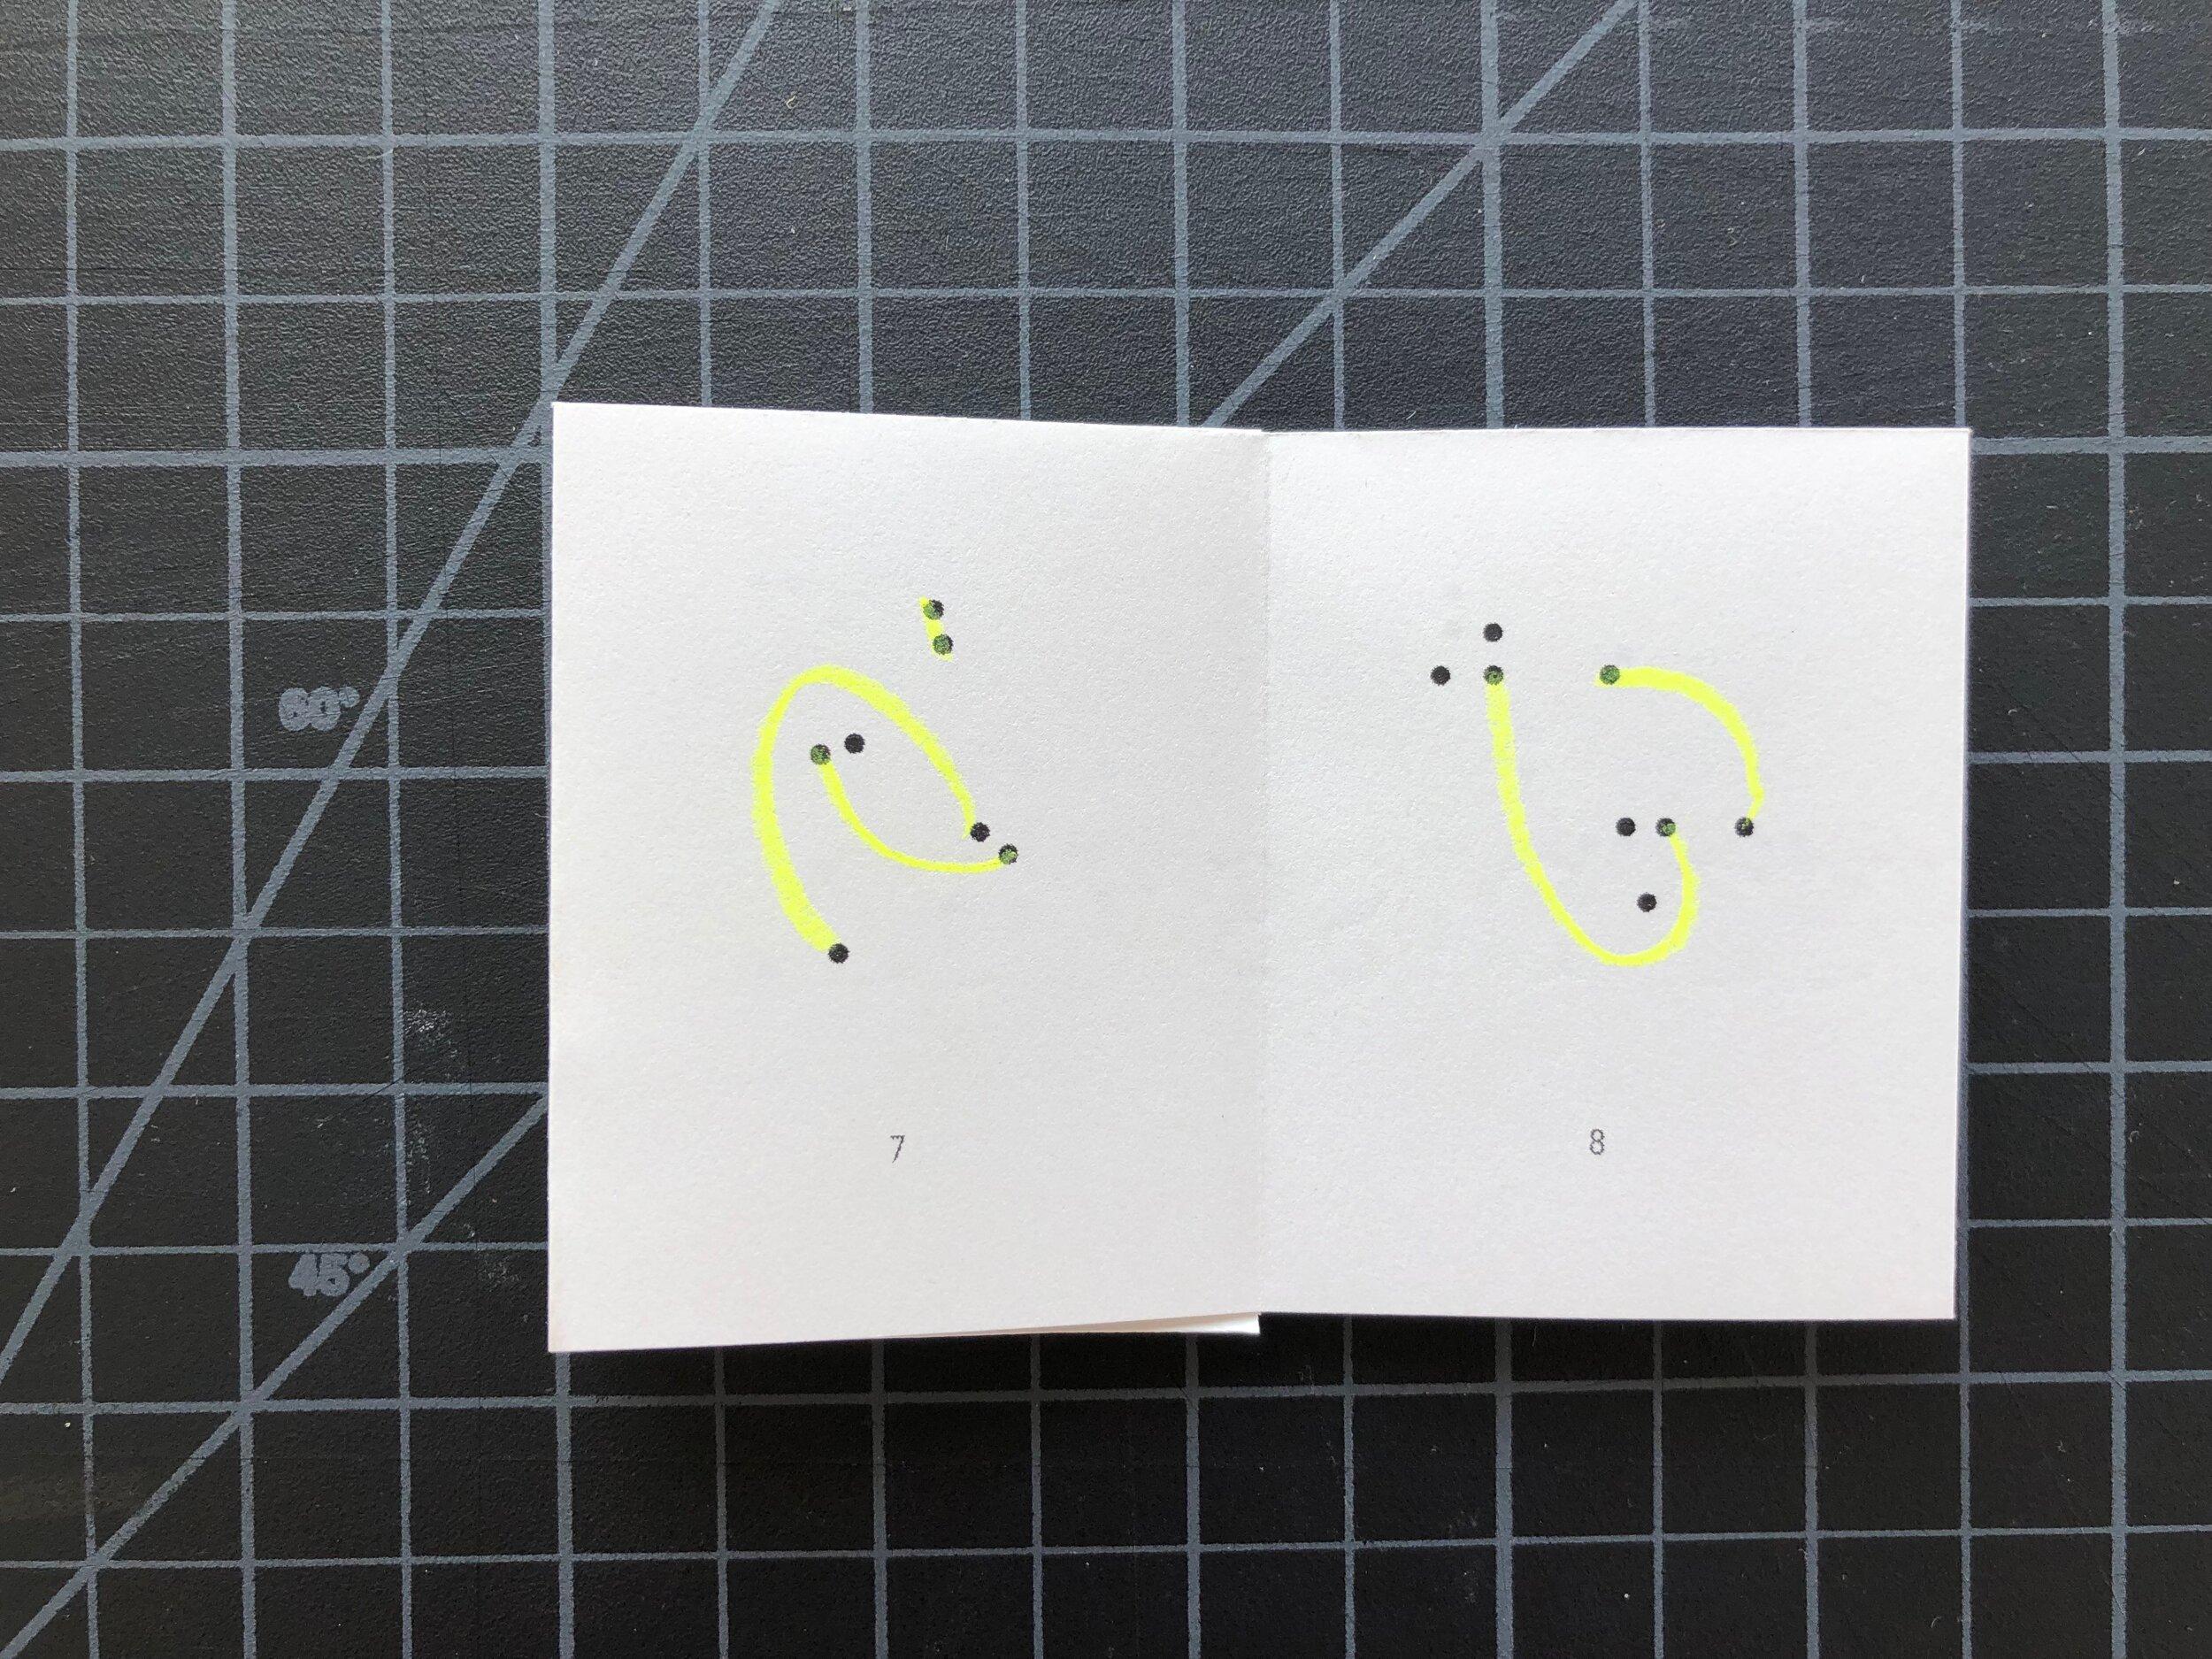 zine-dots05.jpeg